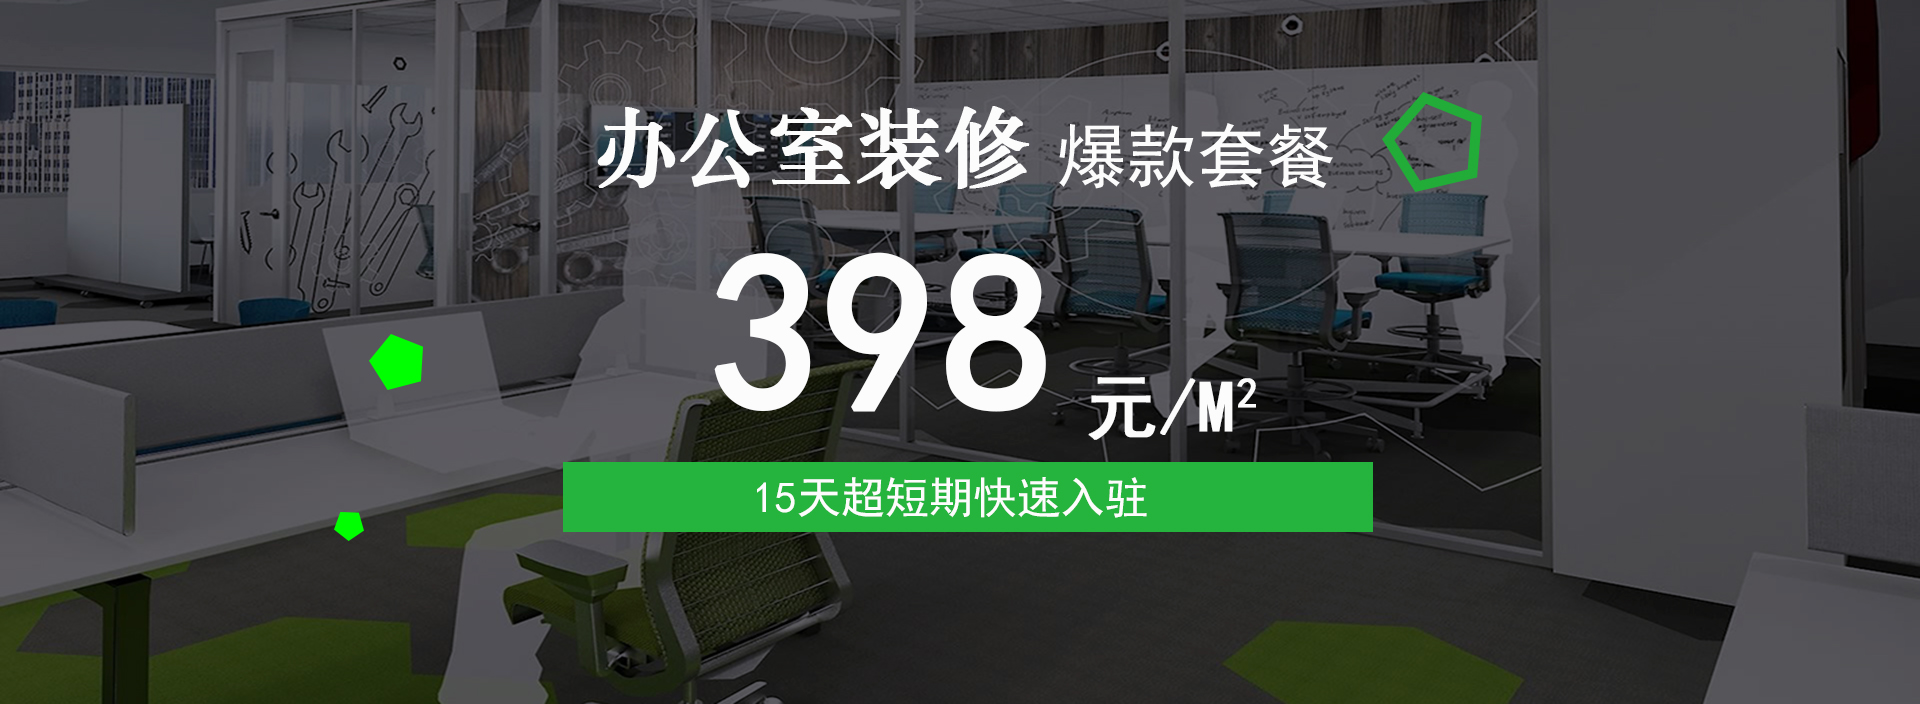 长沙办公室装修多少钱的行业爆款398元每平米整装套餐